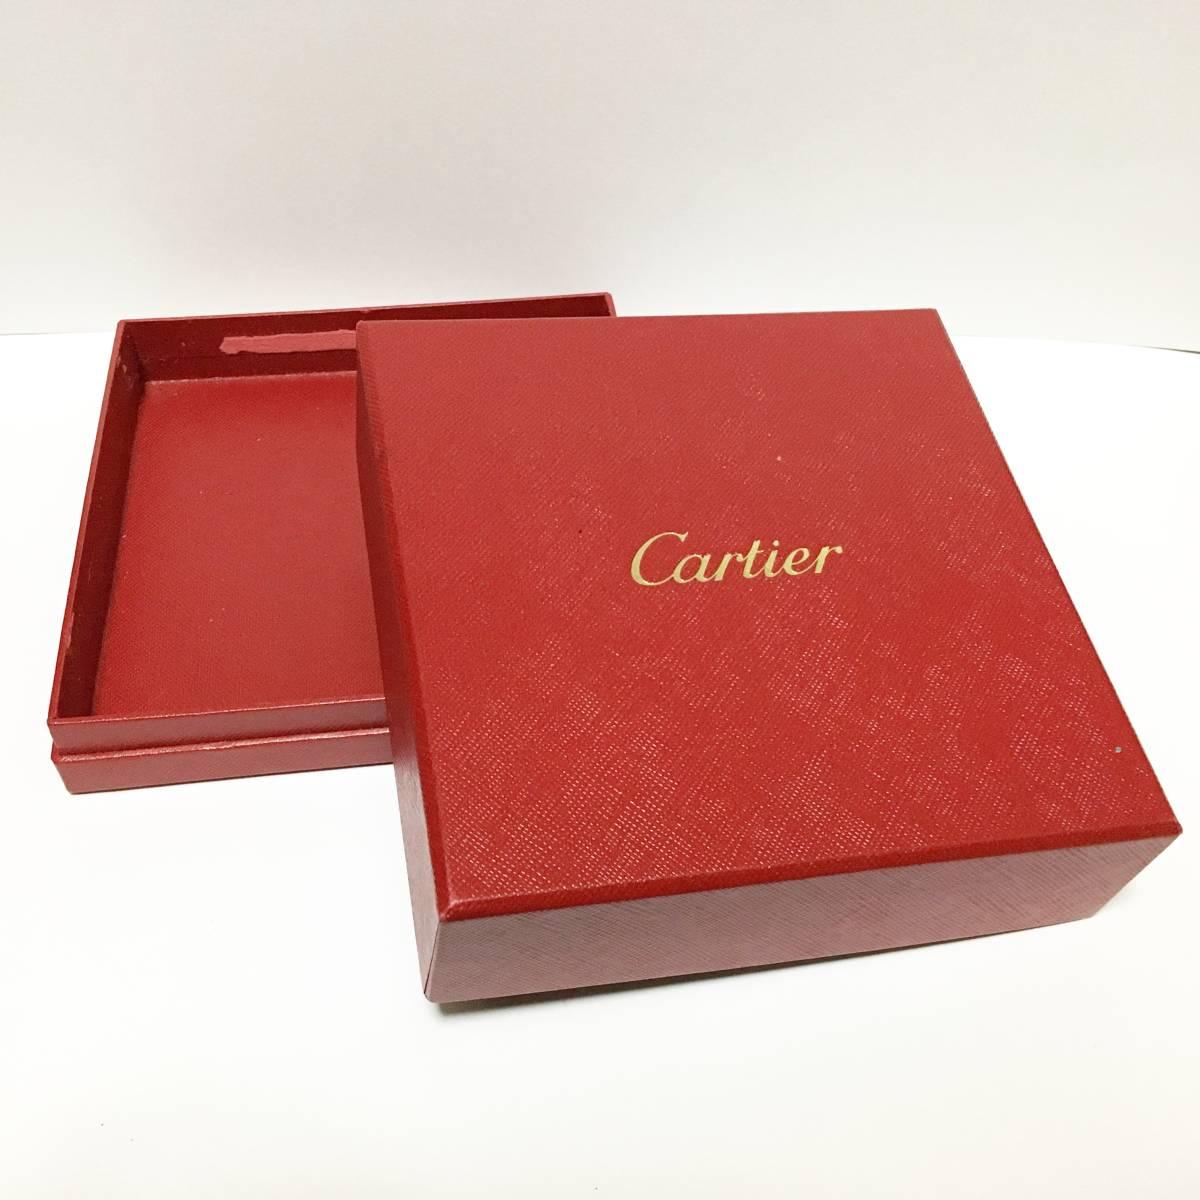 0076 カルティエ Cartier 箱 ケース ボックス 純正 ネックレス_画像5